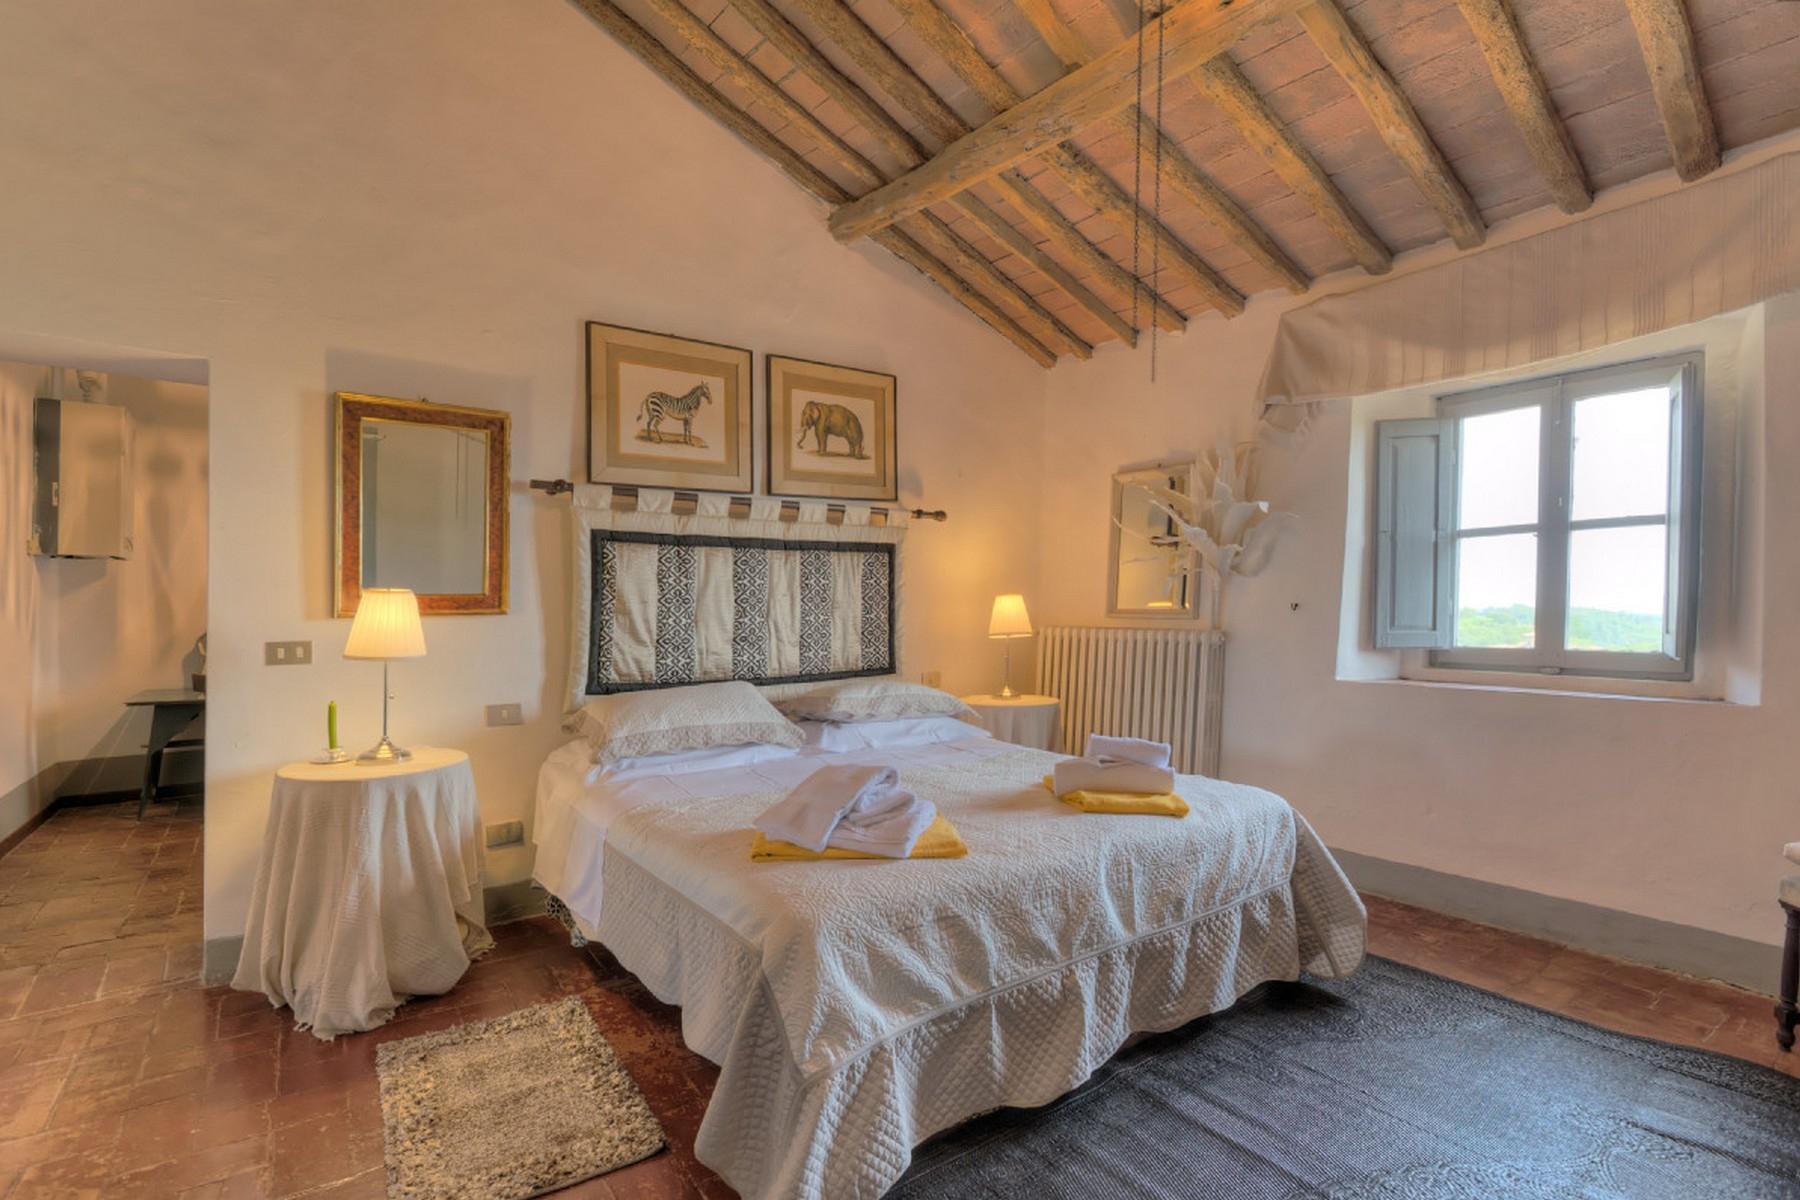 State-of-the-art rustic villa set in Florentine Chianti - 10